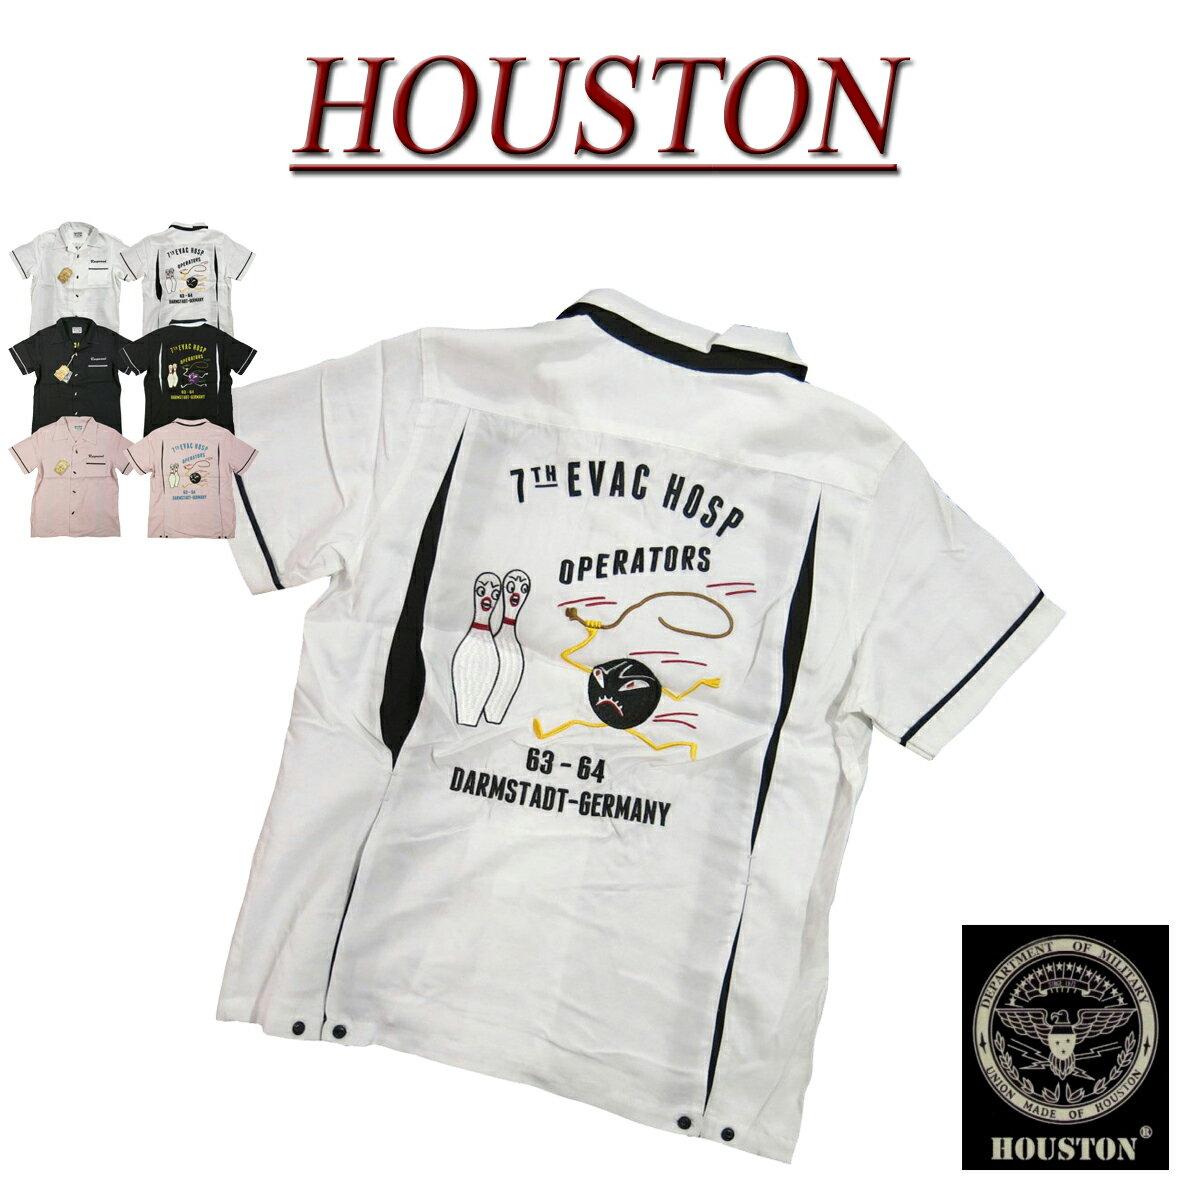 【2色3サイズ】 jb651 新品 HOUSTON チェーン刺繍 半袖 ボーリングシャツ 40308 メンズ ヒューストン S/S BOWLING SHIRT ボウリングシャツ ワークシャツ アメカジ 【smtb-kd】